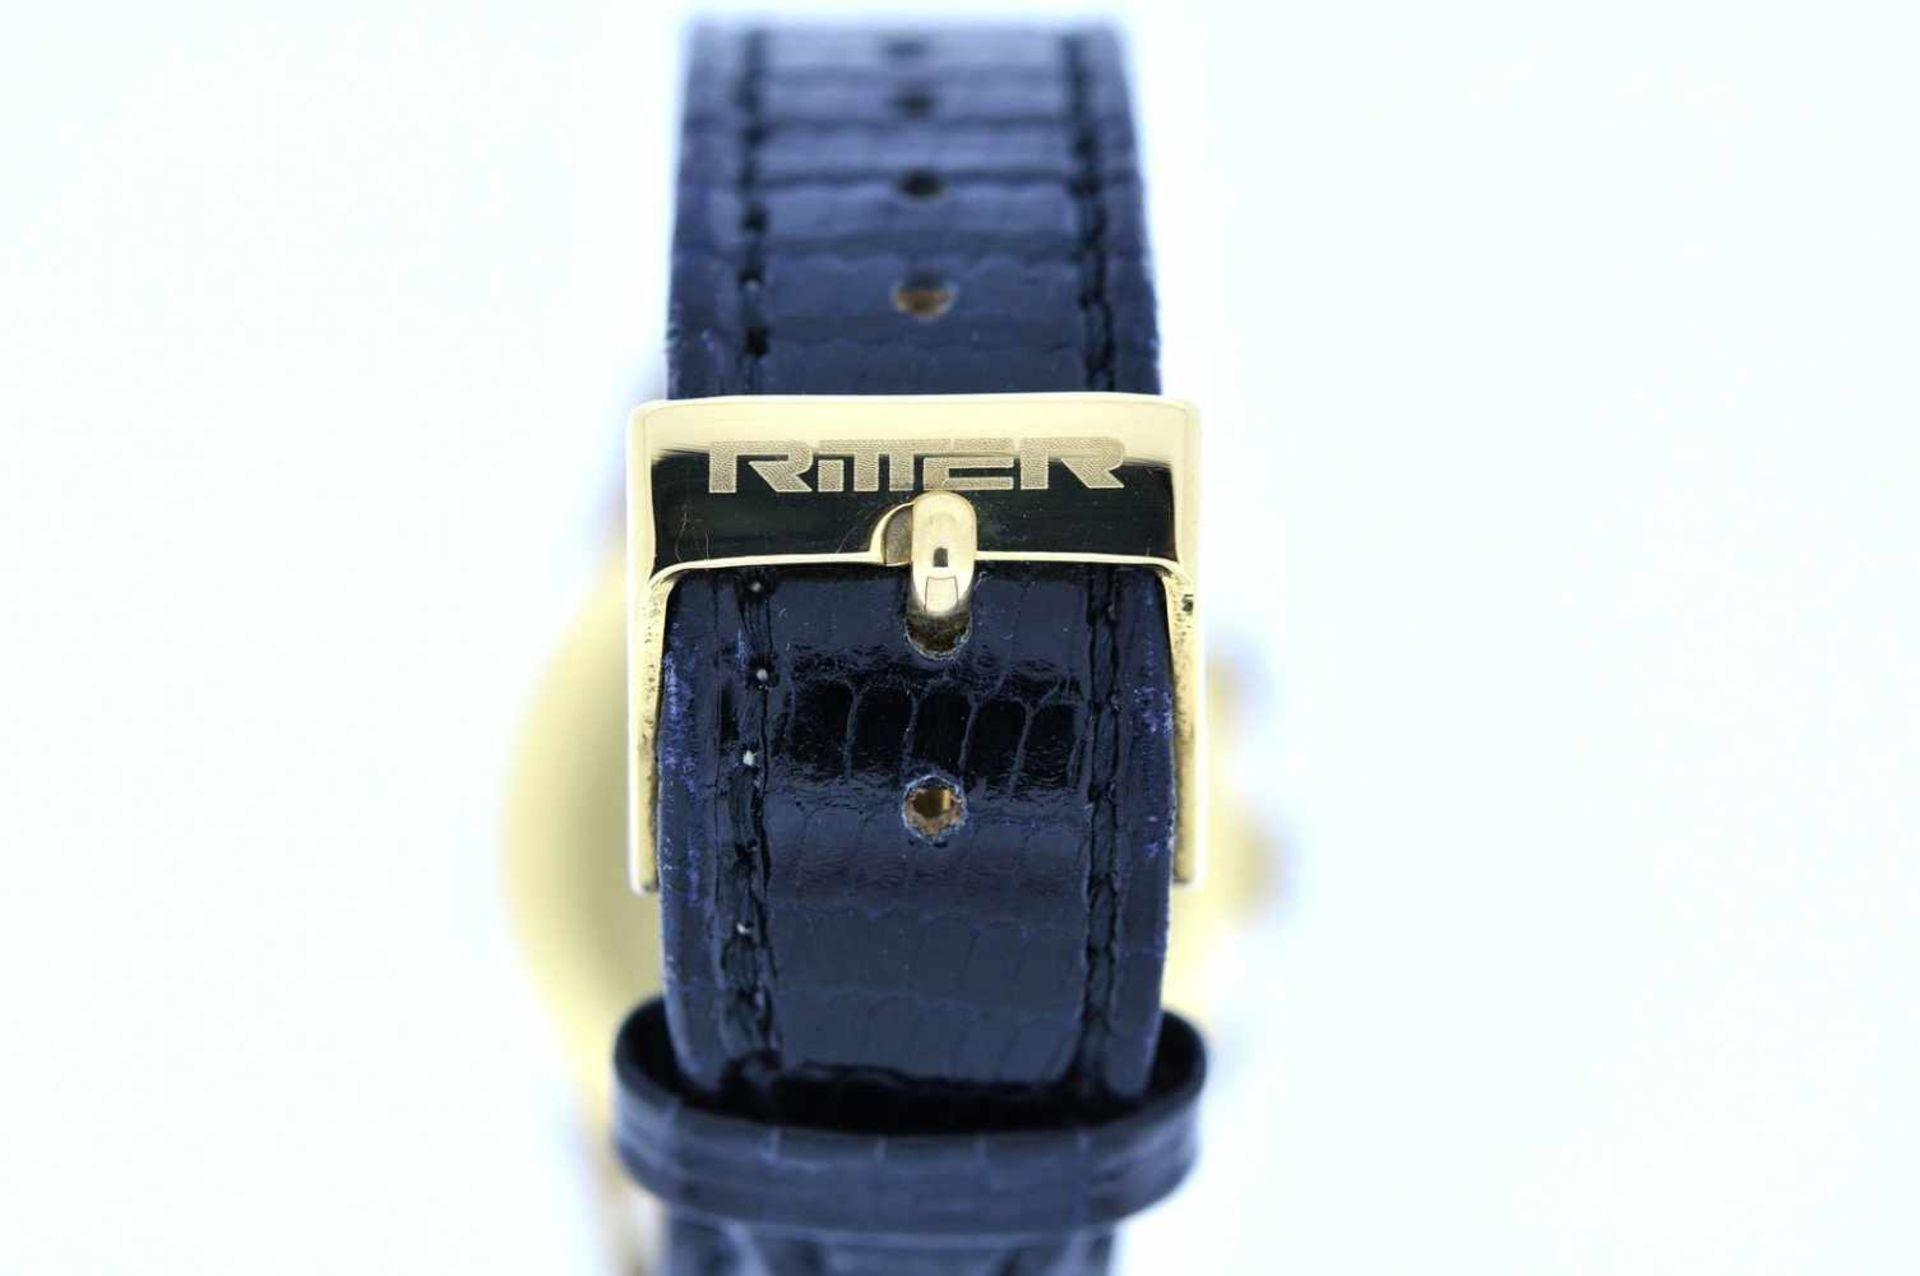 Los 17 - Gigandet Goldene 18karätige Armbanduhr an Lederband, Gigandet Wakmann, Chronograph, Stoppfunktion,